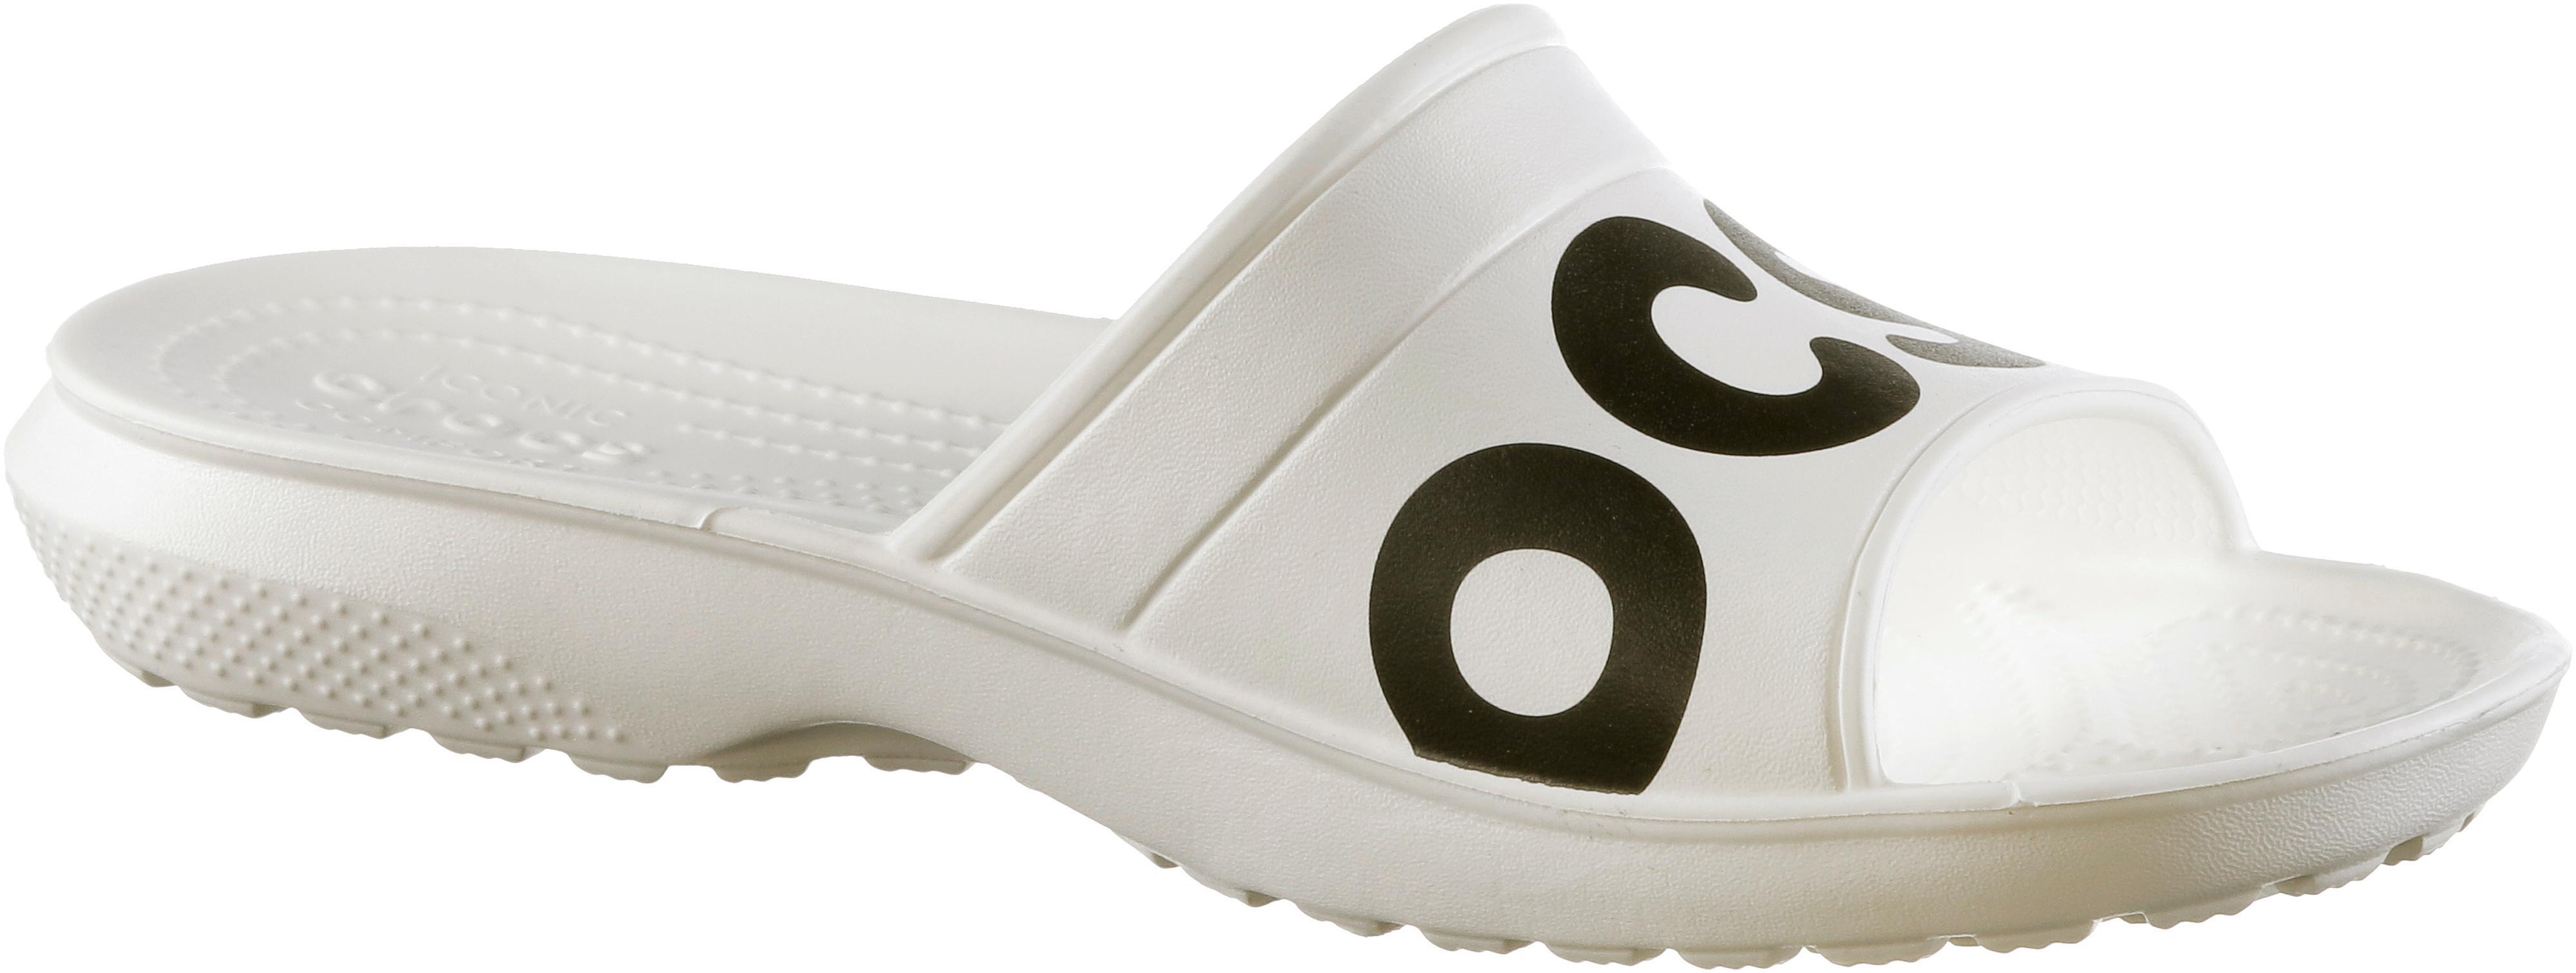 Crocs Graphic Slide Badelatschen schwarz Weiß im Online Shop Shop Shop von SportScheck kaufen Gute Qualität beliebte Schuhe 645351